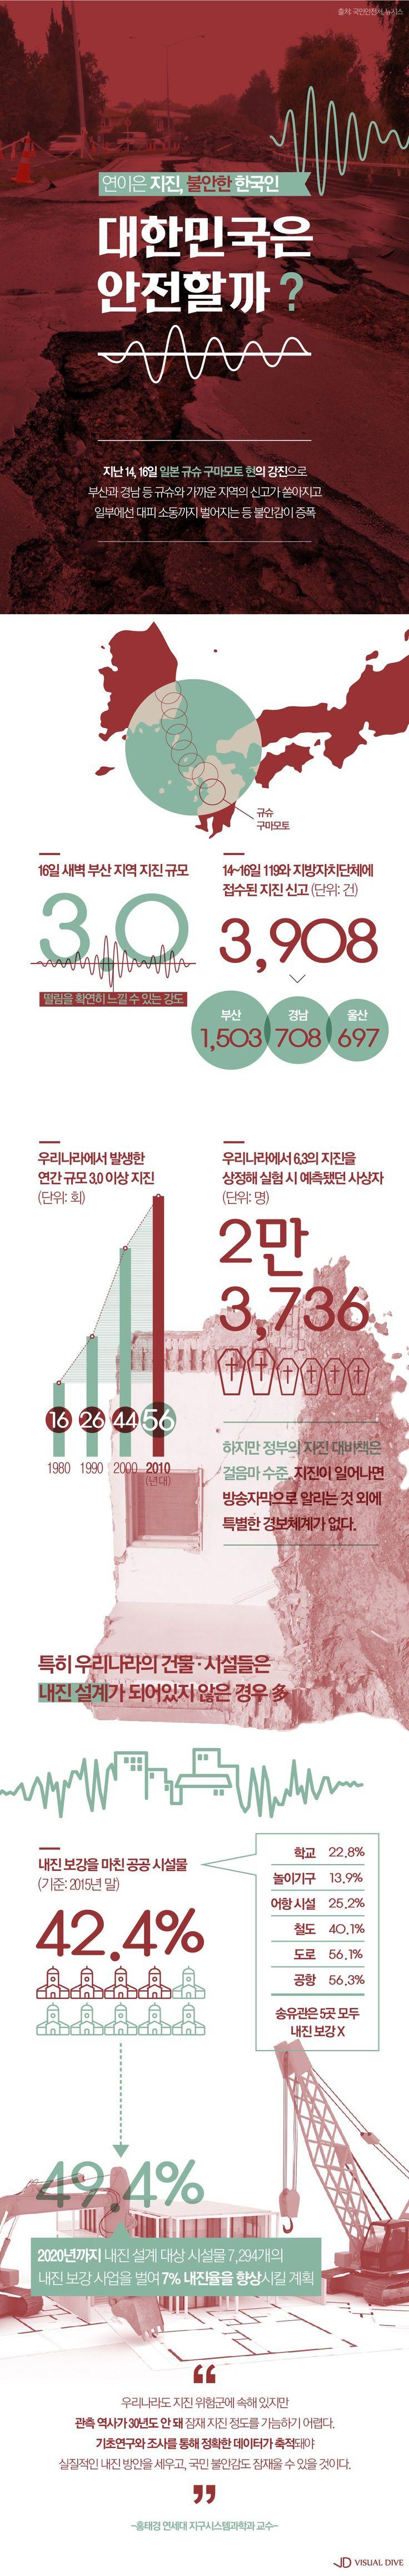 연이은 '지진'에 커지는 불안감… 대한민국은 안전할까? [인포그래픽] #earthquake / #Infographic ⓒ 비주얼다이브 무단 복사·전재·재배포 금지